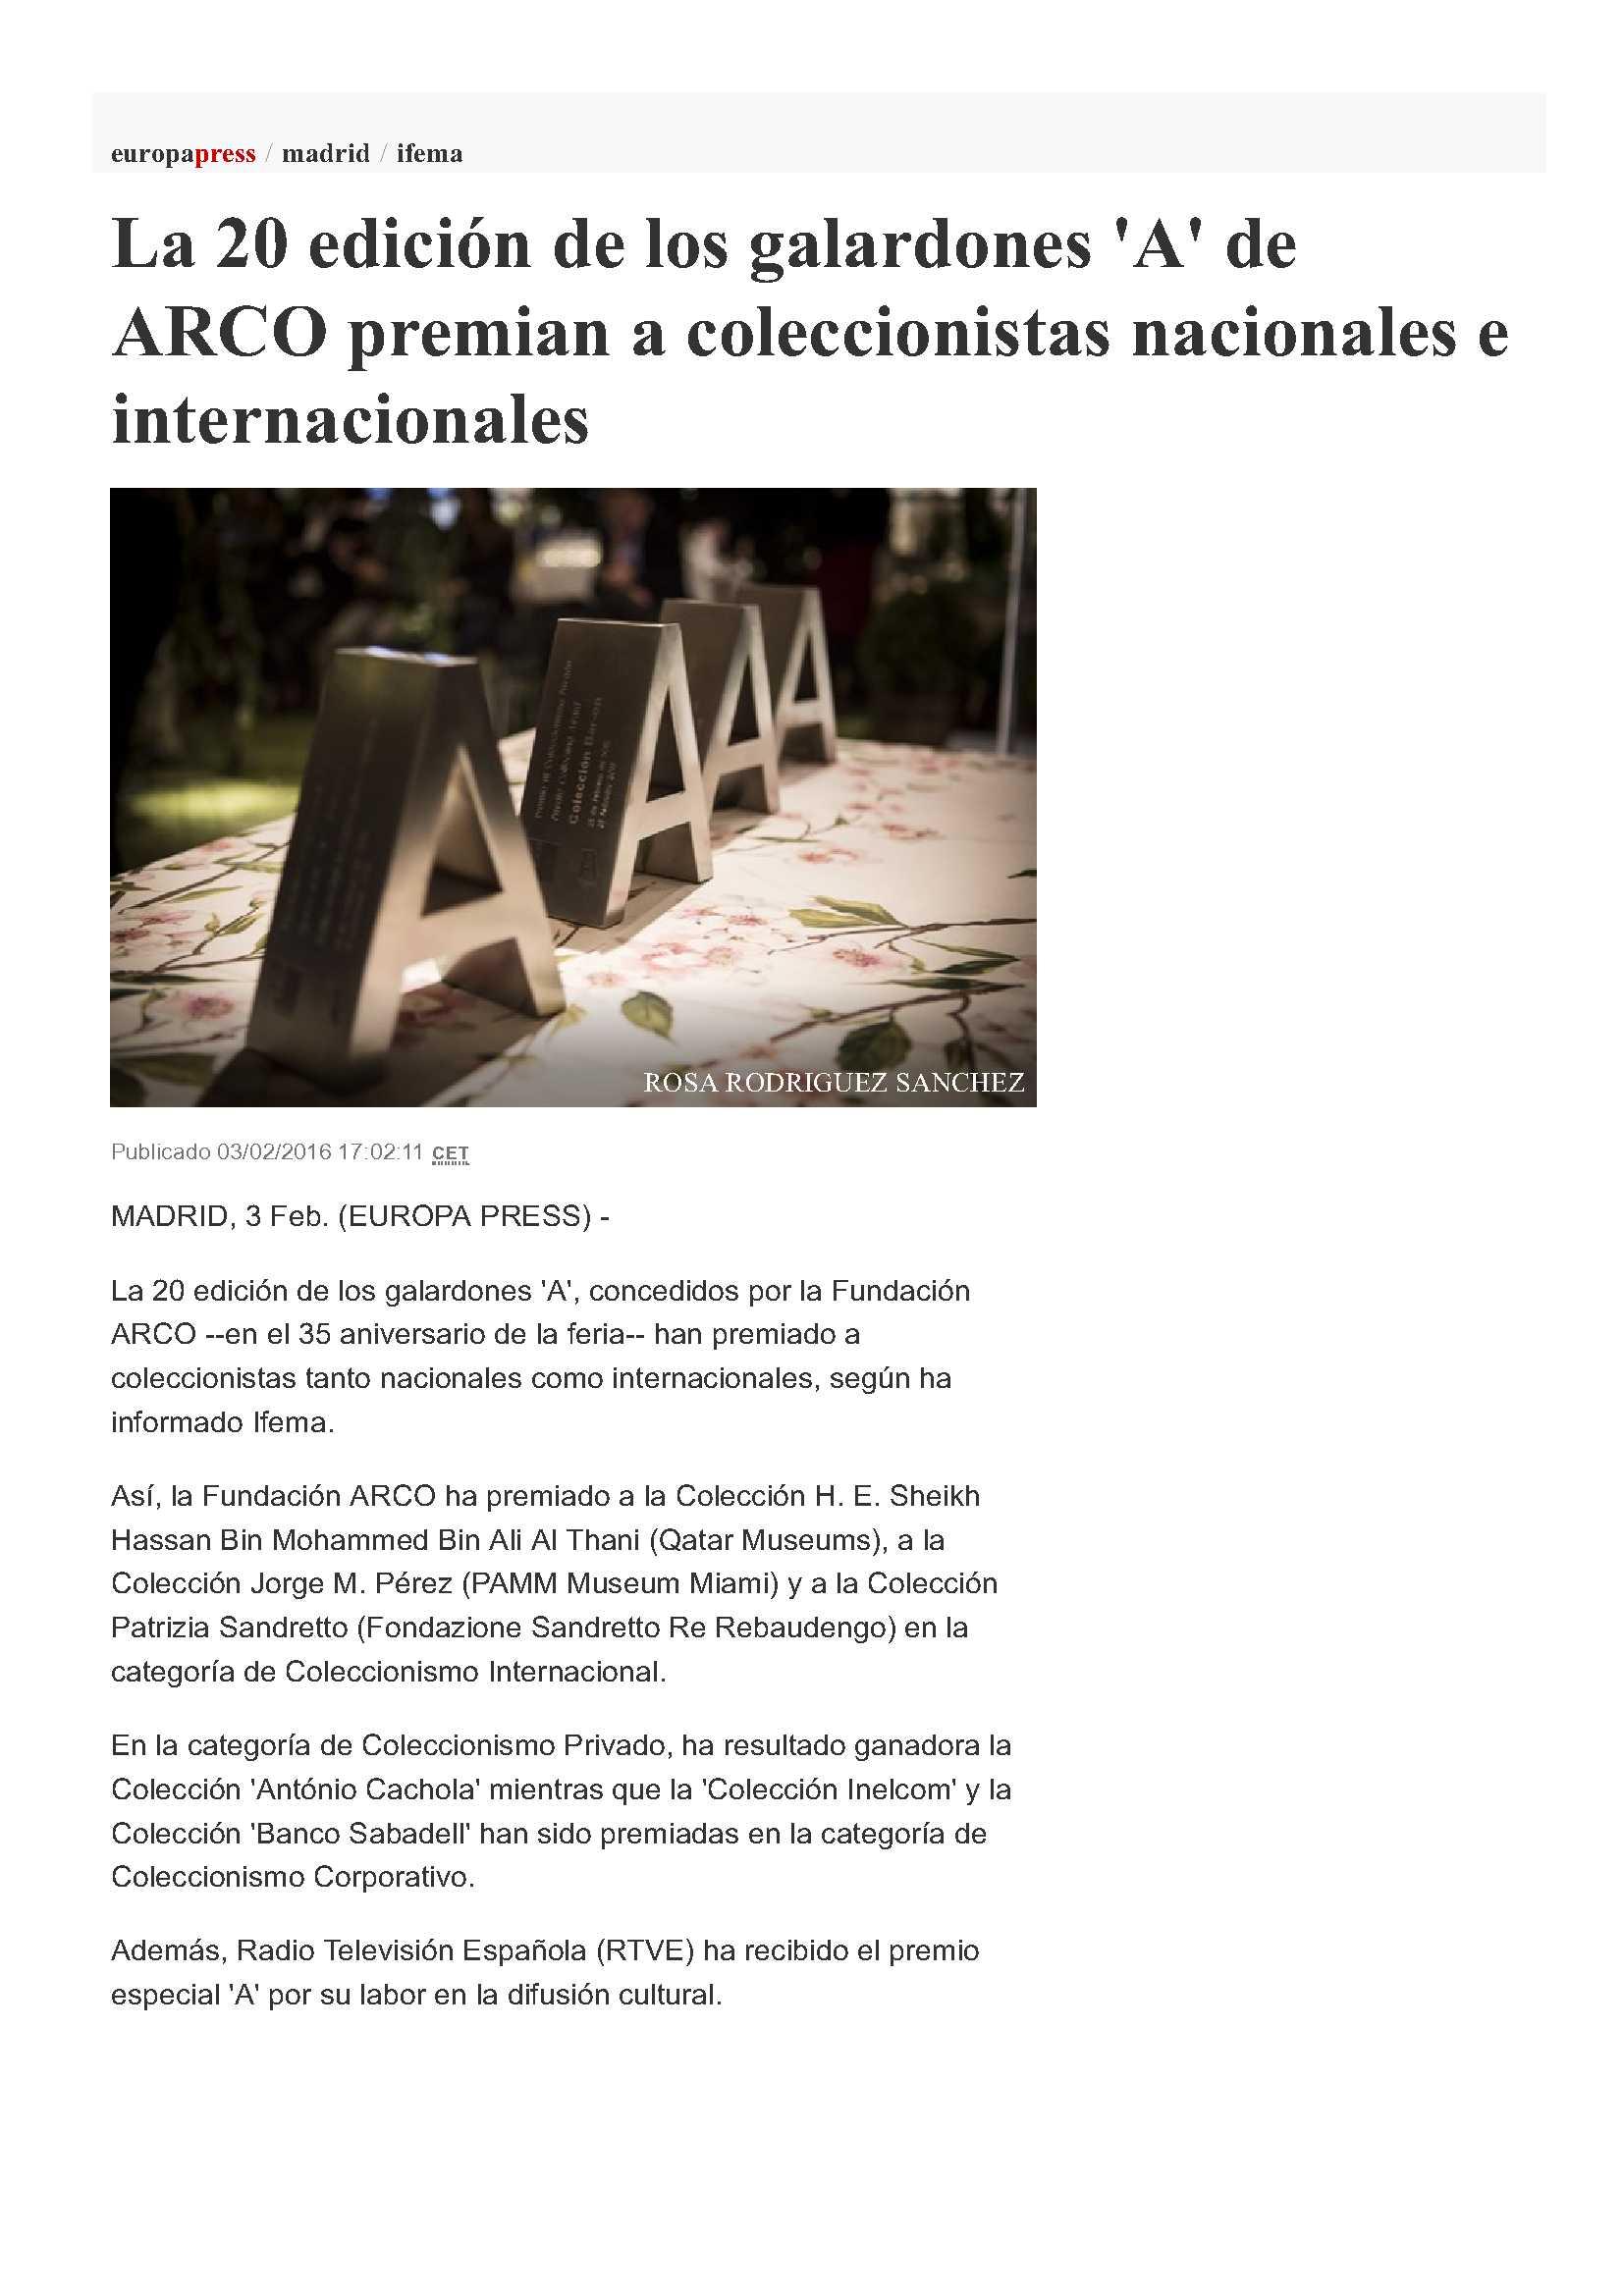 Europa Press - ARCO Awards A http://www.europapress.es/madrid/ifema-00444/noticia-20-edicion-galardones-arco-premian-coleccionistas-nacionales-internacionales-20160203170211.html